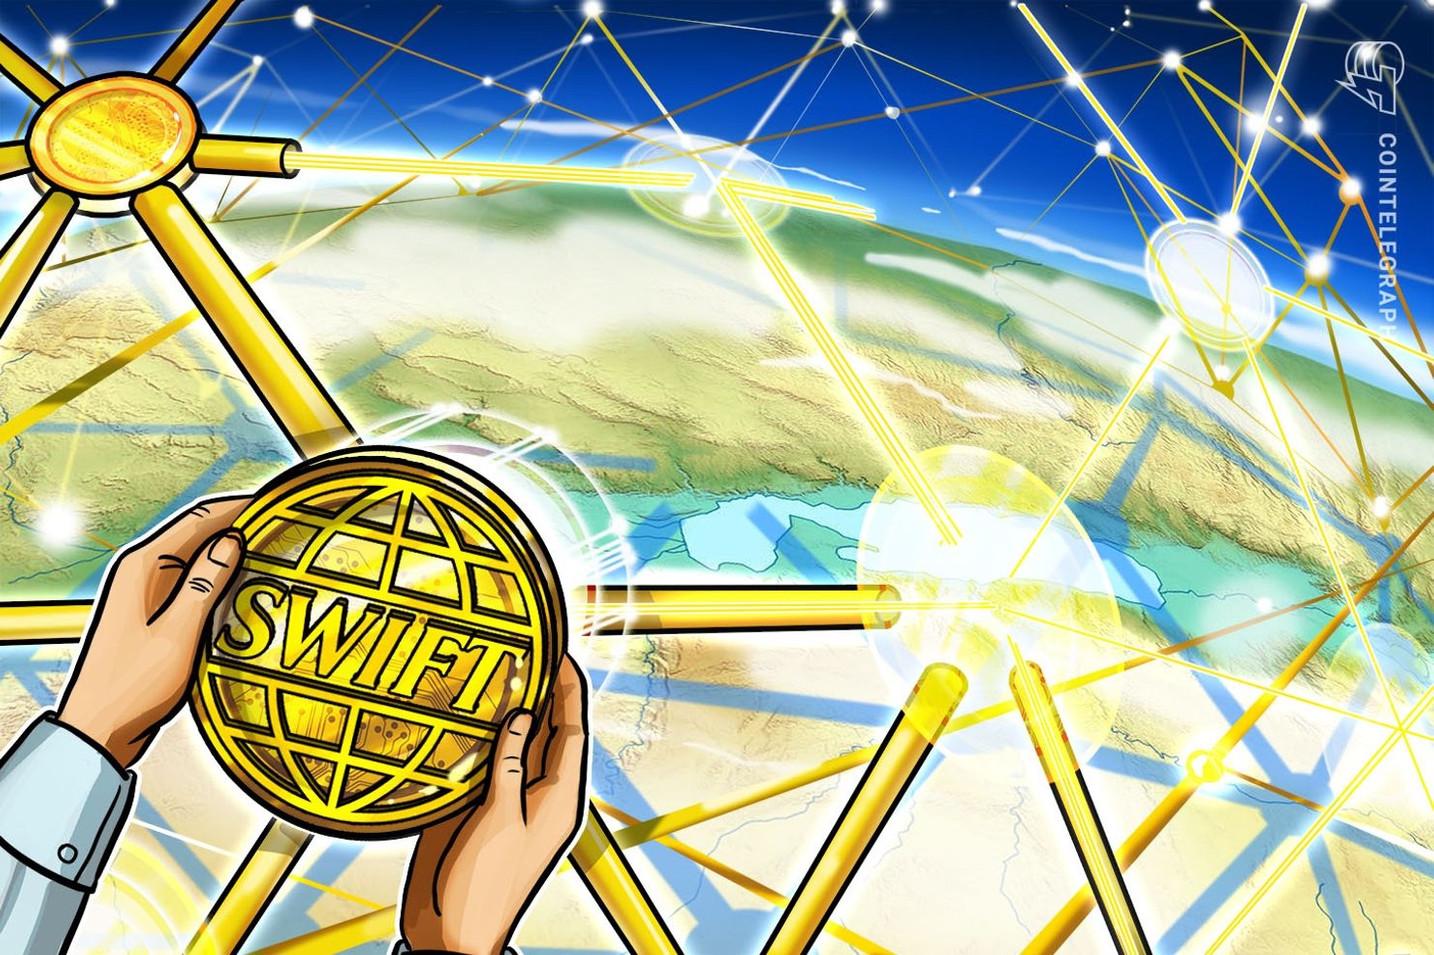 マネロン対策の仮想通貨SWIFT、2020年までに具体策まとめる|日米欧など、15カ国が中心に=日経新聞